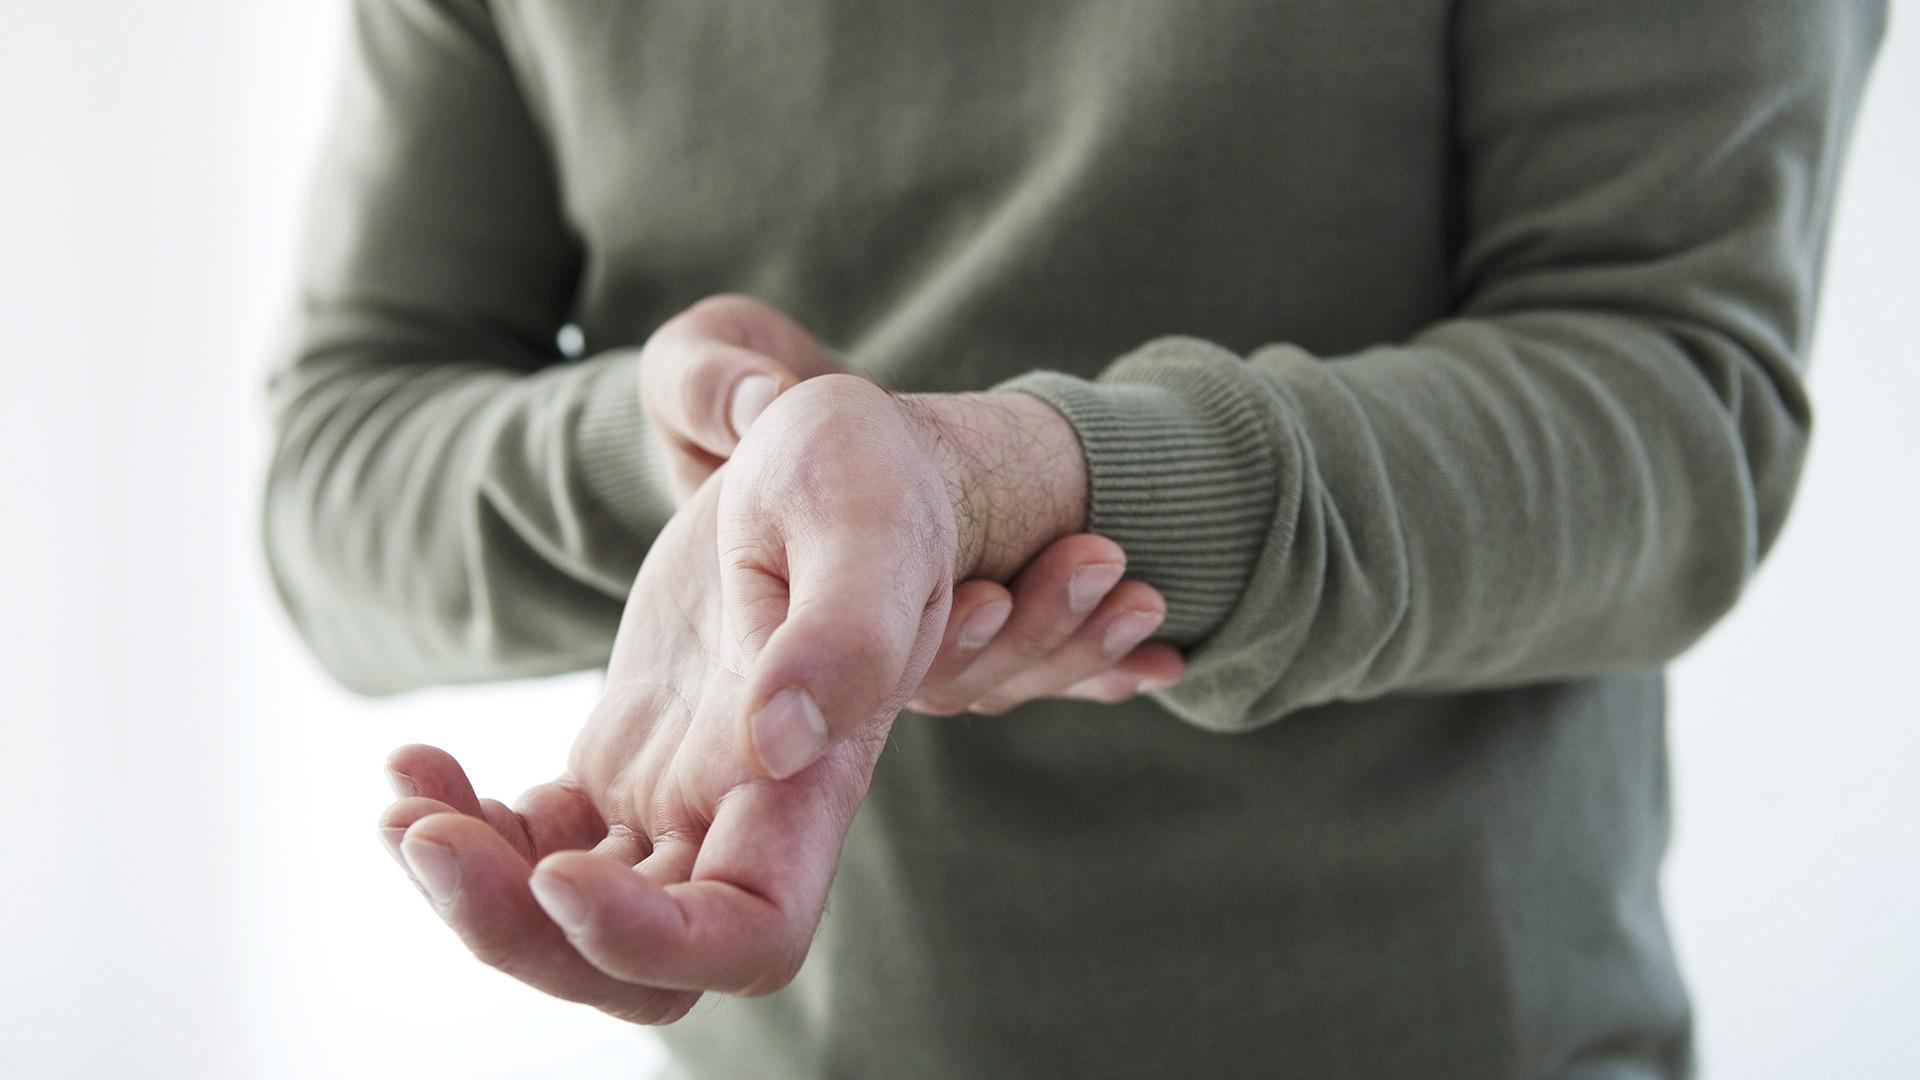 hogyan lehet enyhíteni a csuklóízület fájdalmát